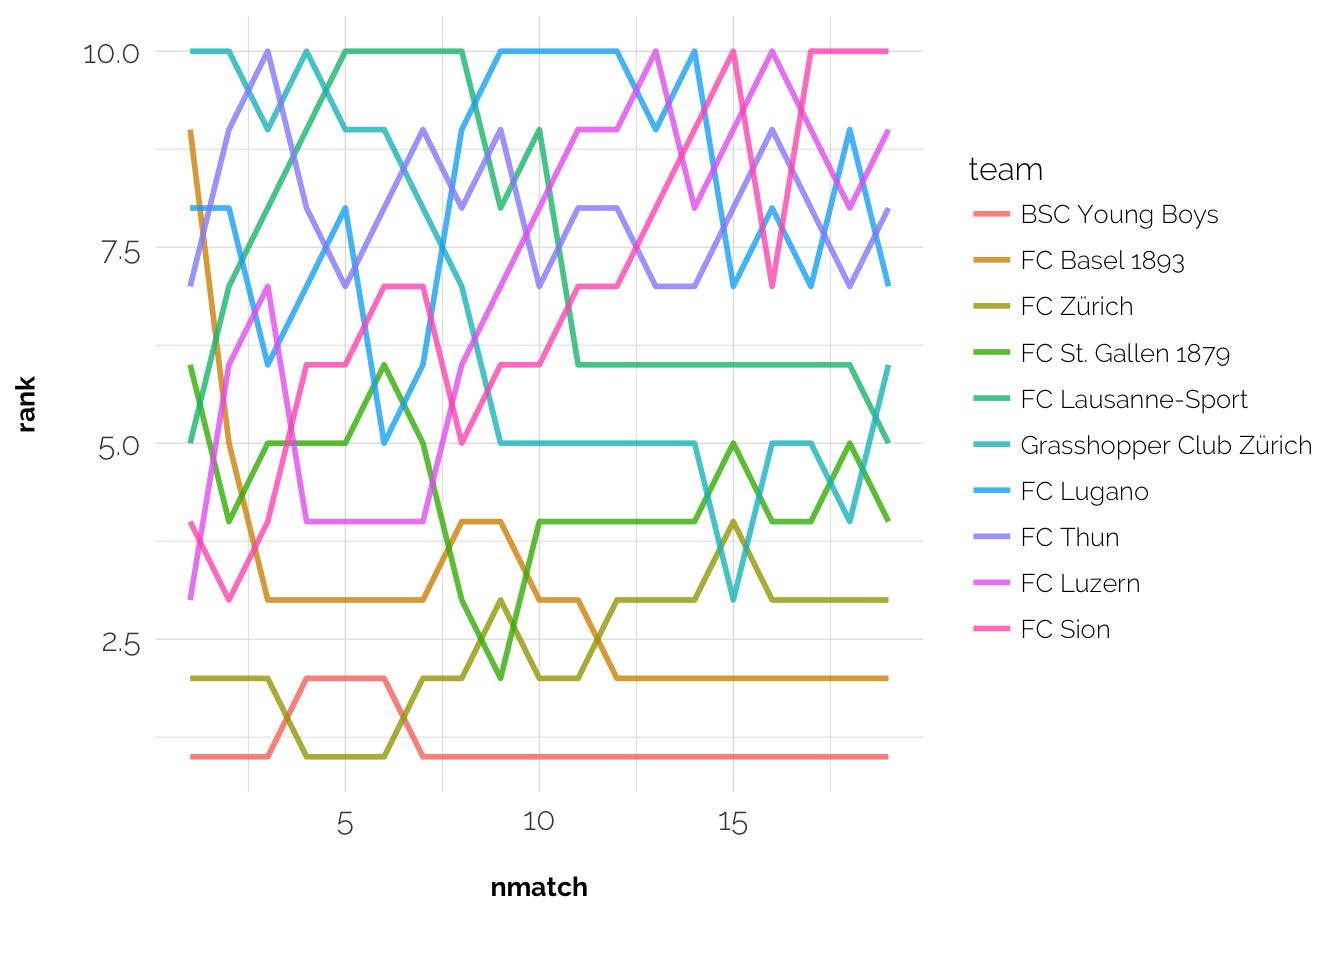 Plotting rank over time should make sense right?